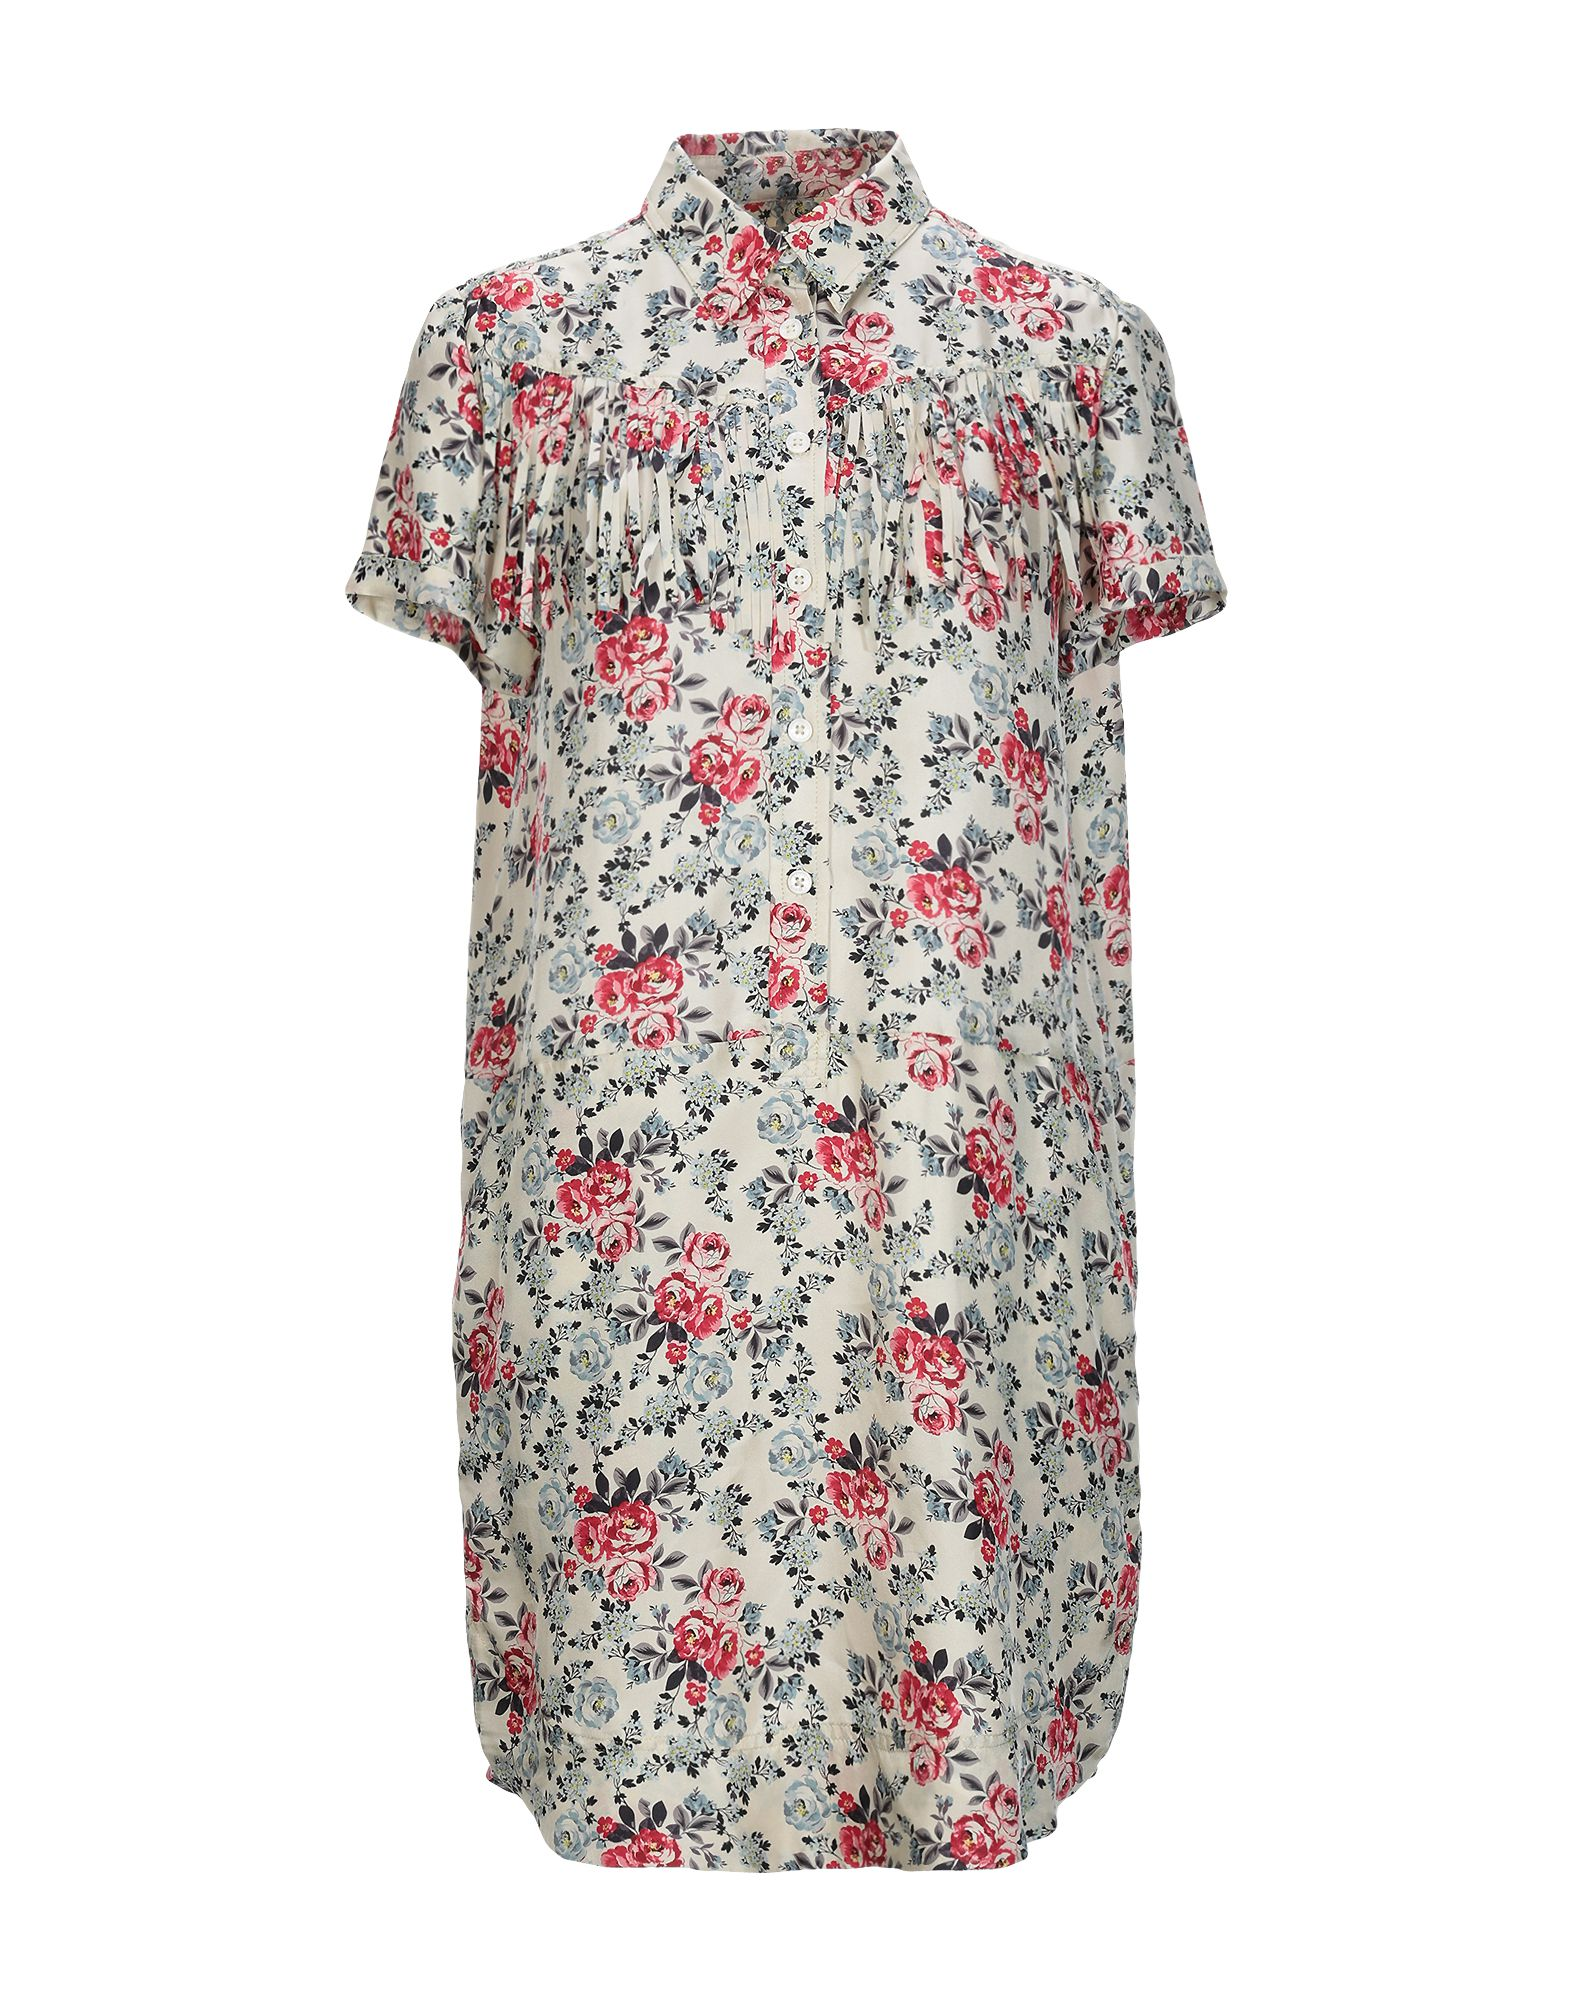 ZADIG & VOLTAIRE Короткое платье платье рубашка fox yulia sway платье рубашка fox